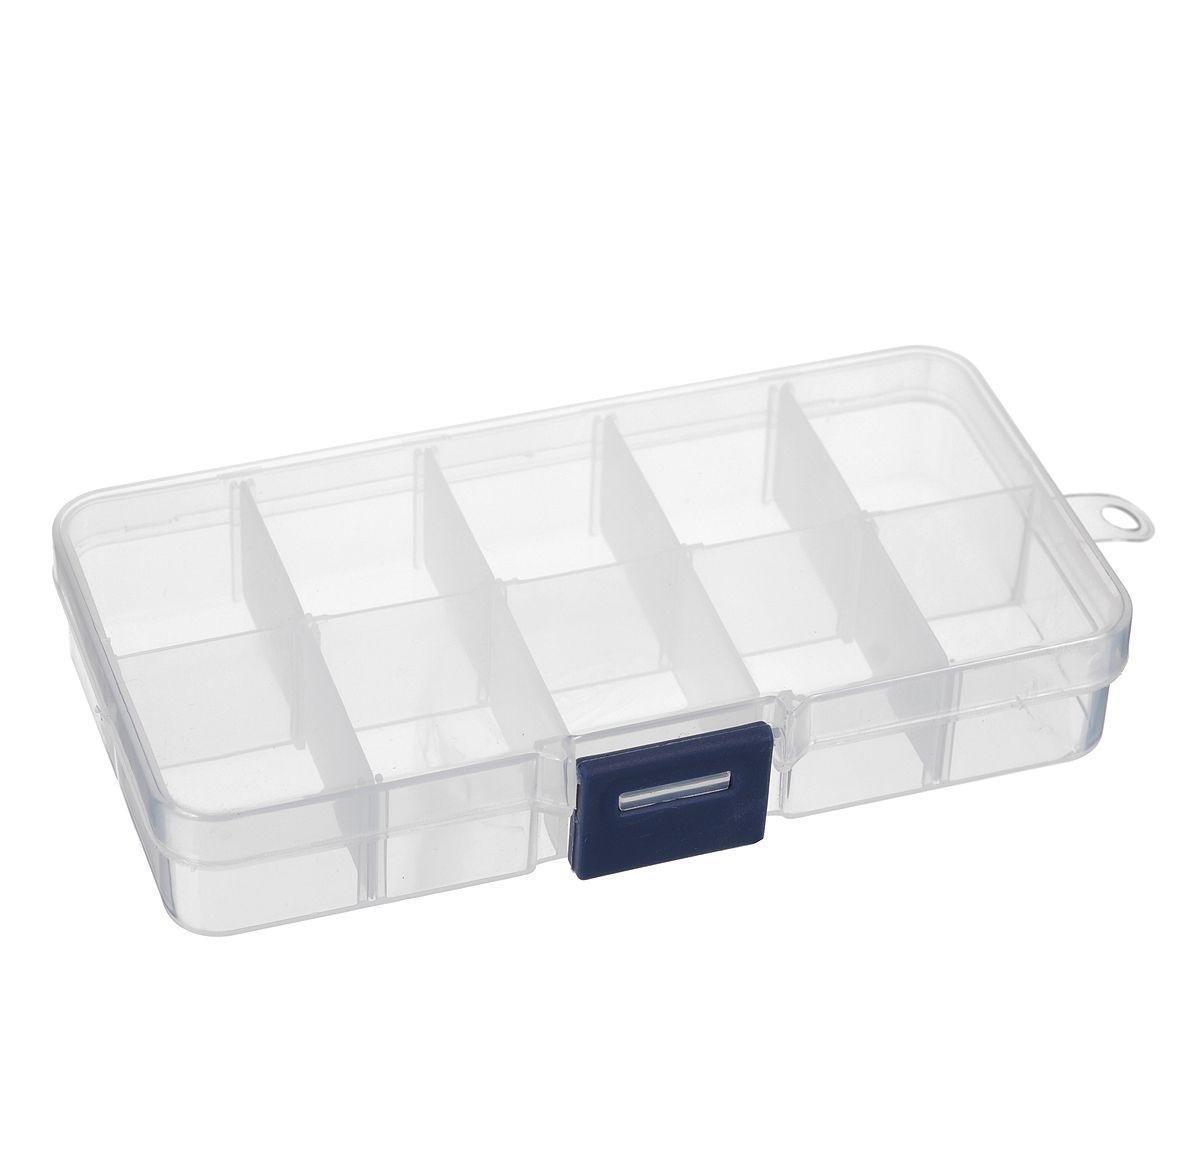 Контейнер для мелочей, 13,2 см х 6,8 см х 2,3 см. 529NLED-420-1.5W-RКонтейнер для мелочей изготовлен из прозрачного пластика, что позволяет видеть содержимое. Внутри содержится 10 ячеек (с вынимающимися перегородками) для хранения мелких принадлежностей. Крышка плотно закрывается на замок-защелку. Такой контейнер поможет держать вещи в порядке.